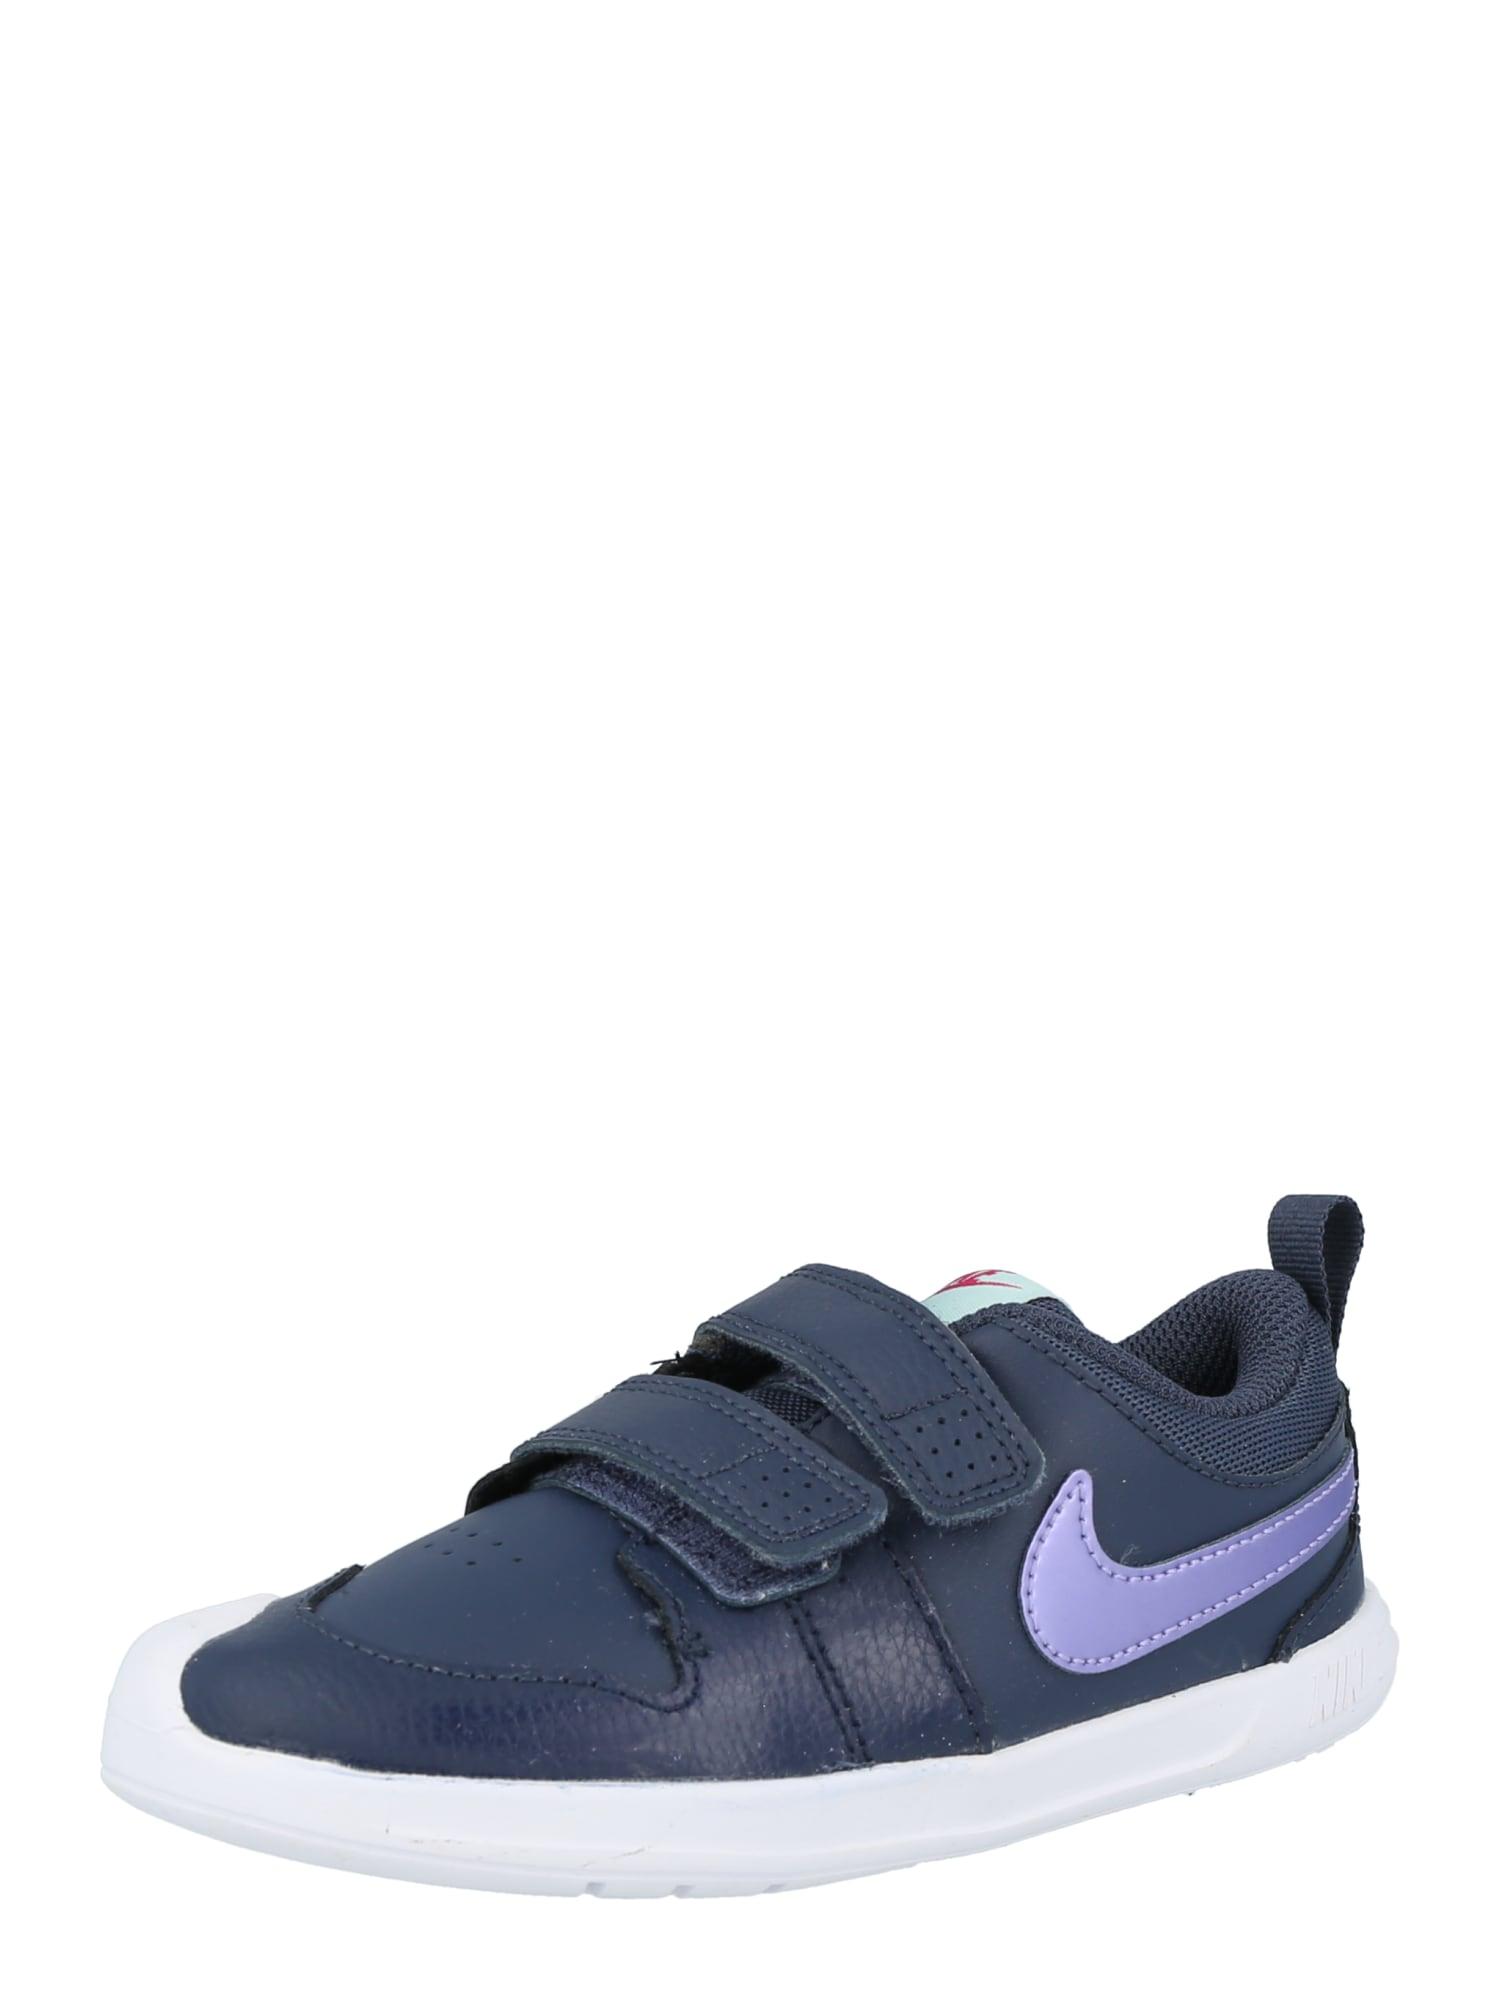 NIKE Sportiniai batai 'Pico 5' tamsiai mėlyna jūros spalva / rausvai violetinė spalva / balta